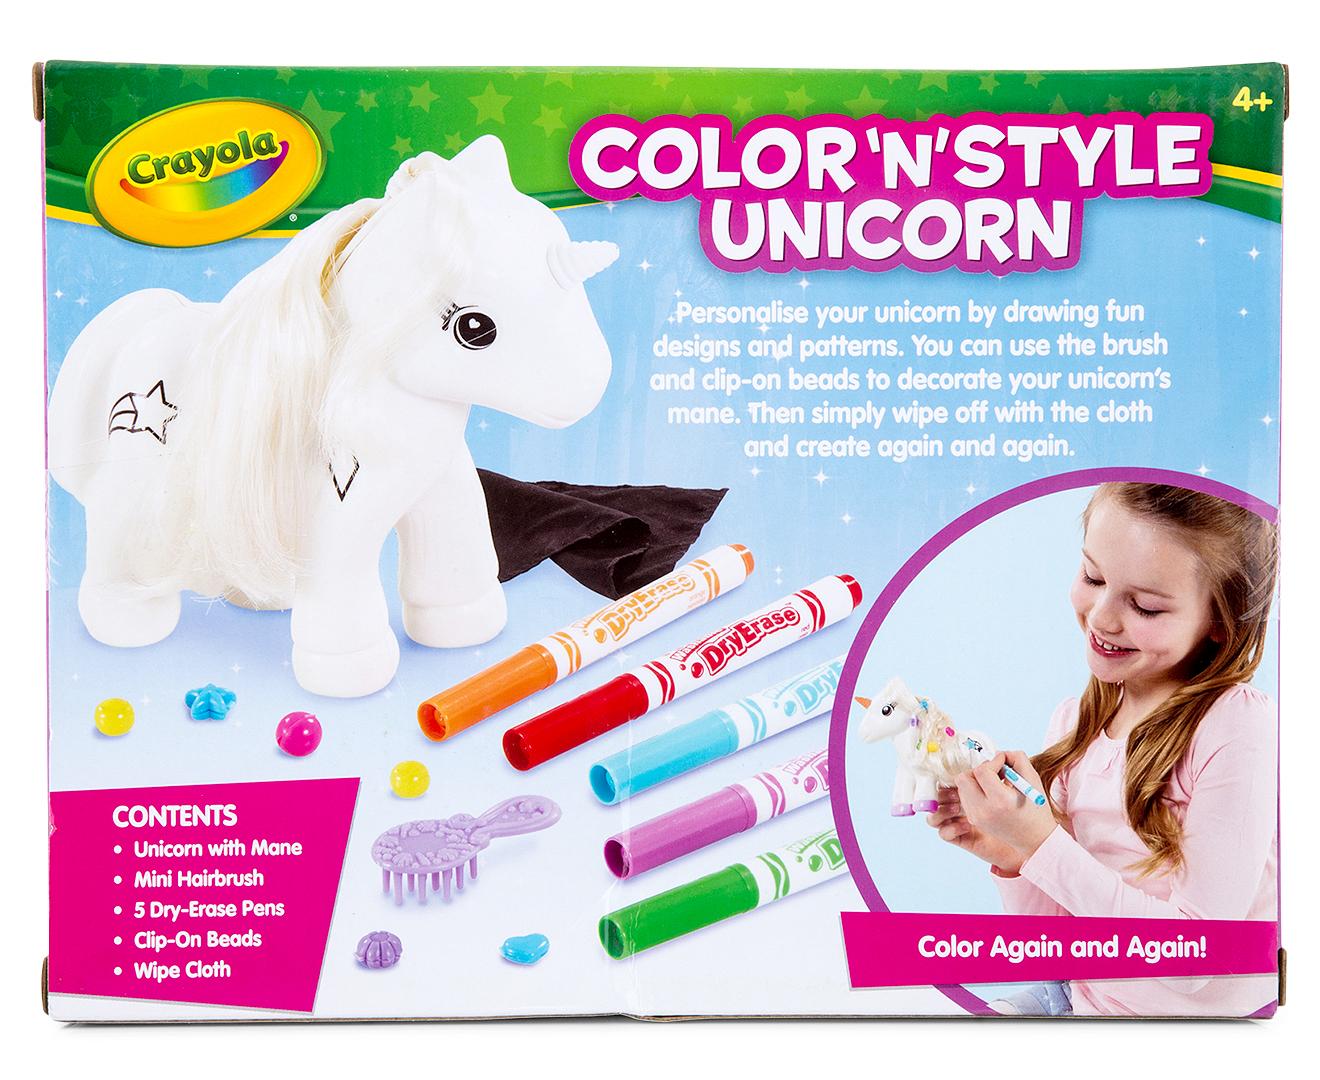 Crayola Color 'N' Style Unicorn   Mumgo.com.au